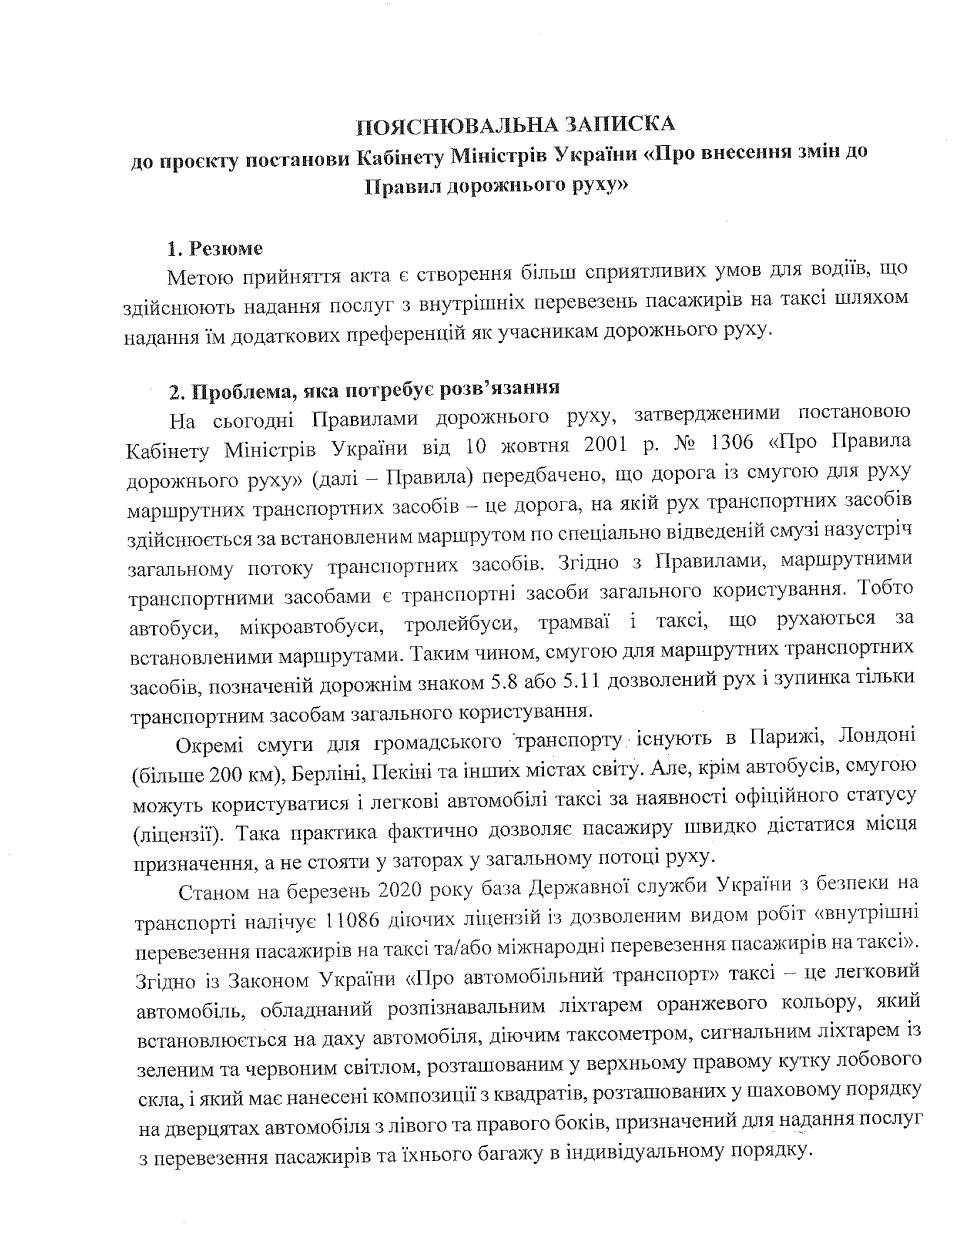 Пояснительная записка к проекту изменений в правилах дорожного движения